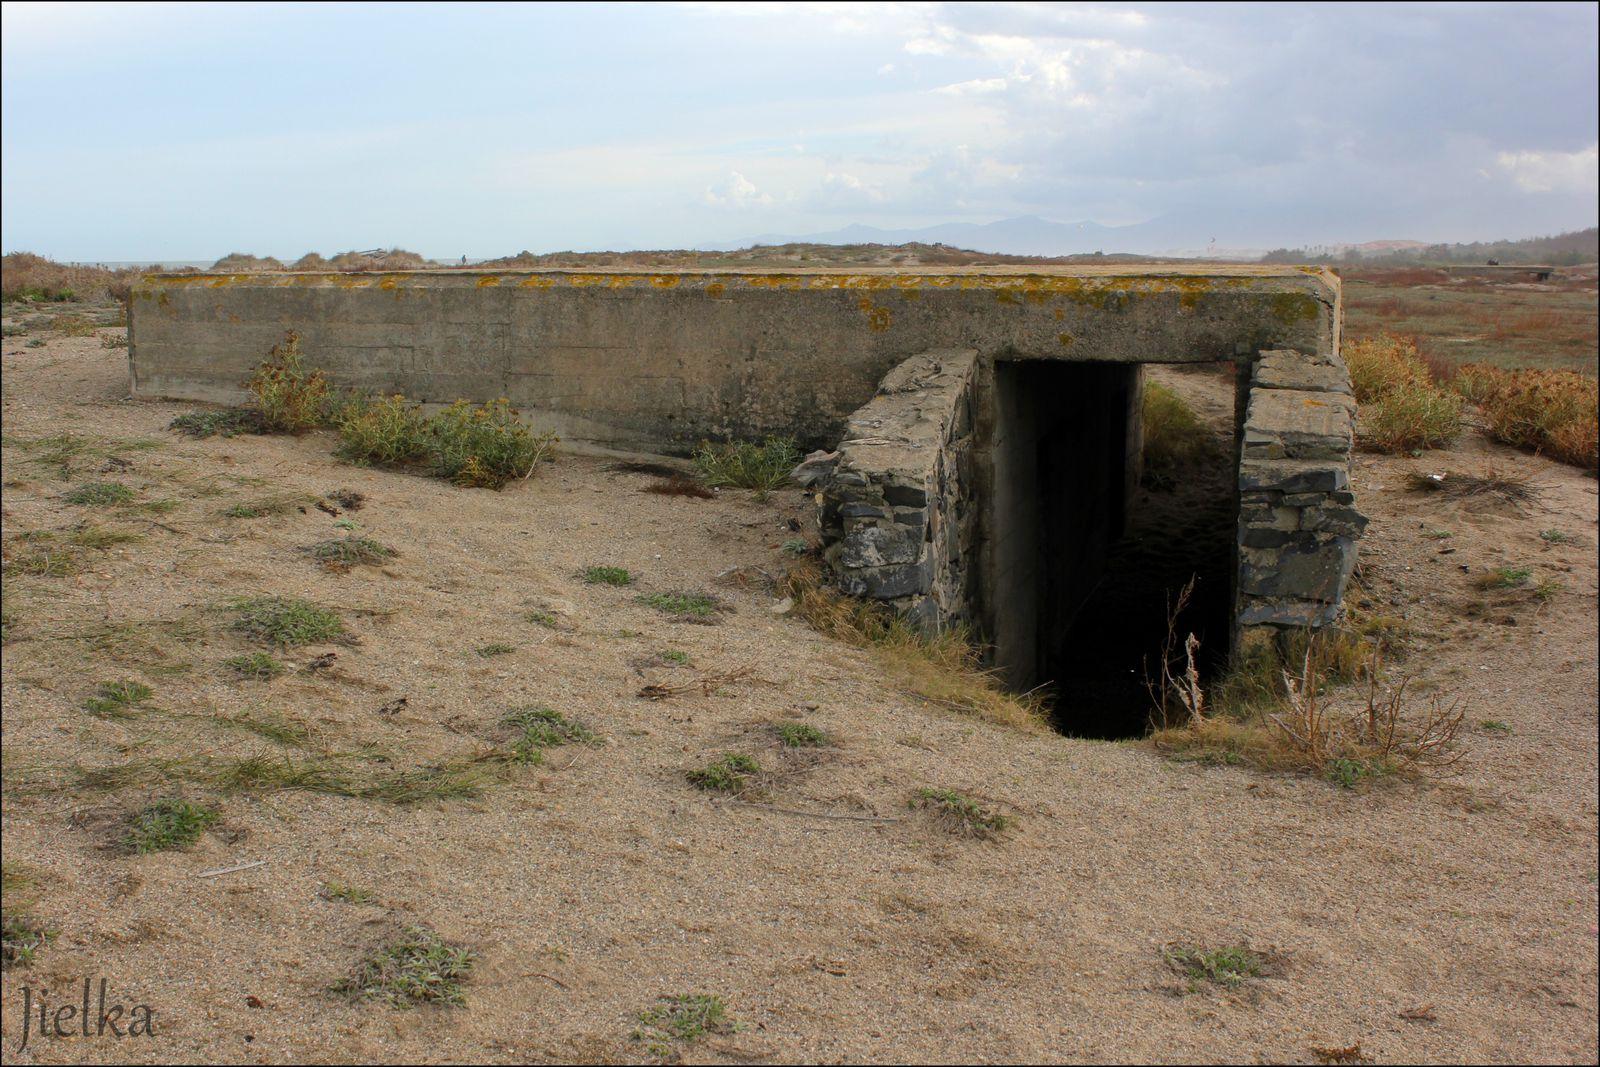 Entre Torreilles et Ste Marie des blockaus et abris pour une quarantaine de soldats Allemands.